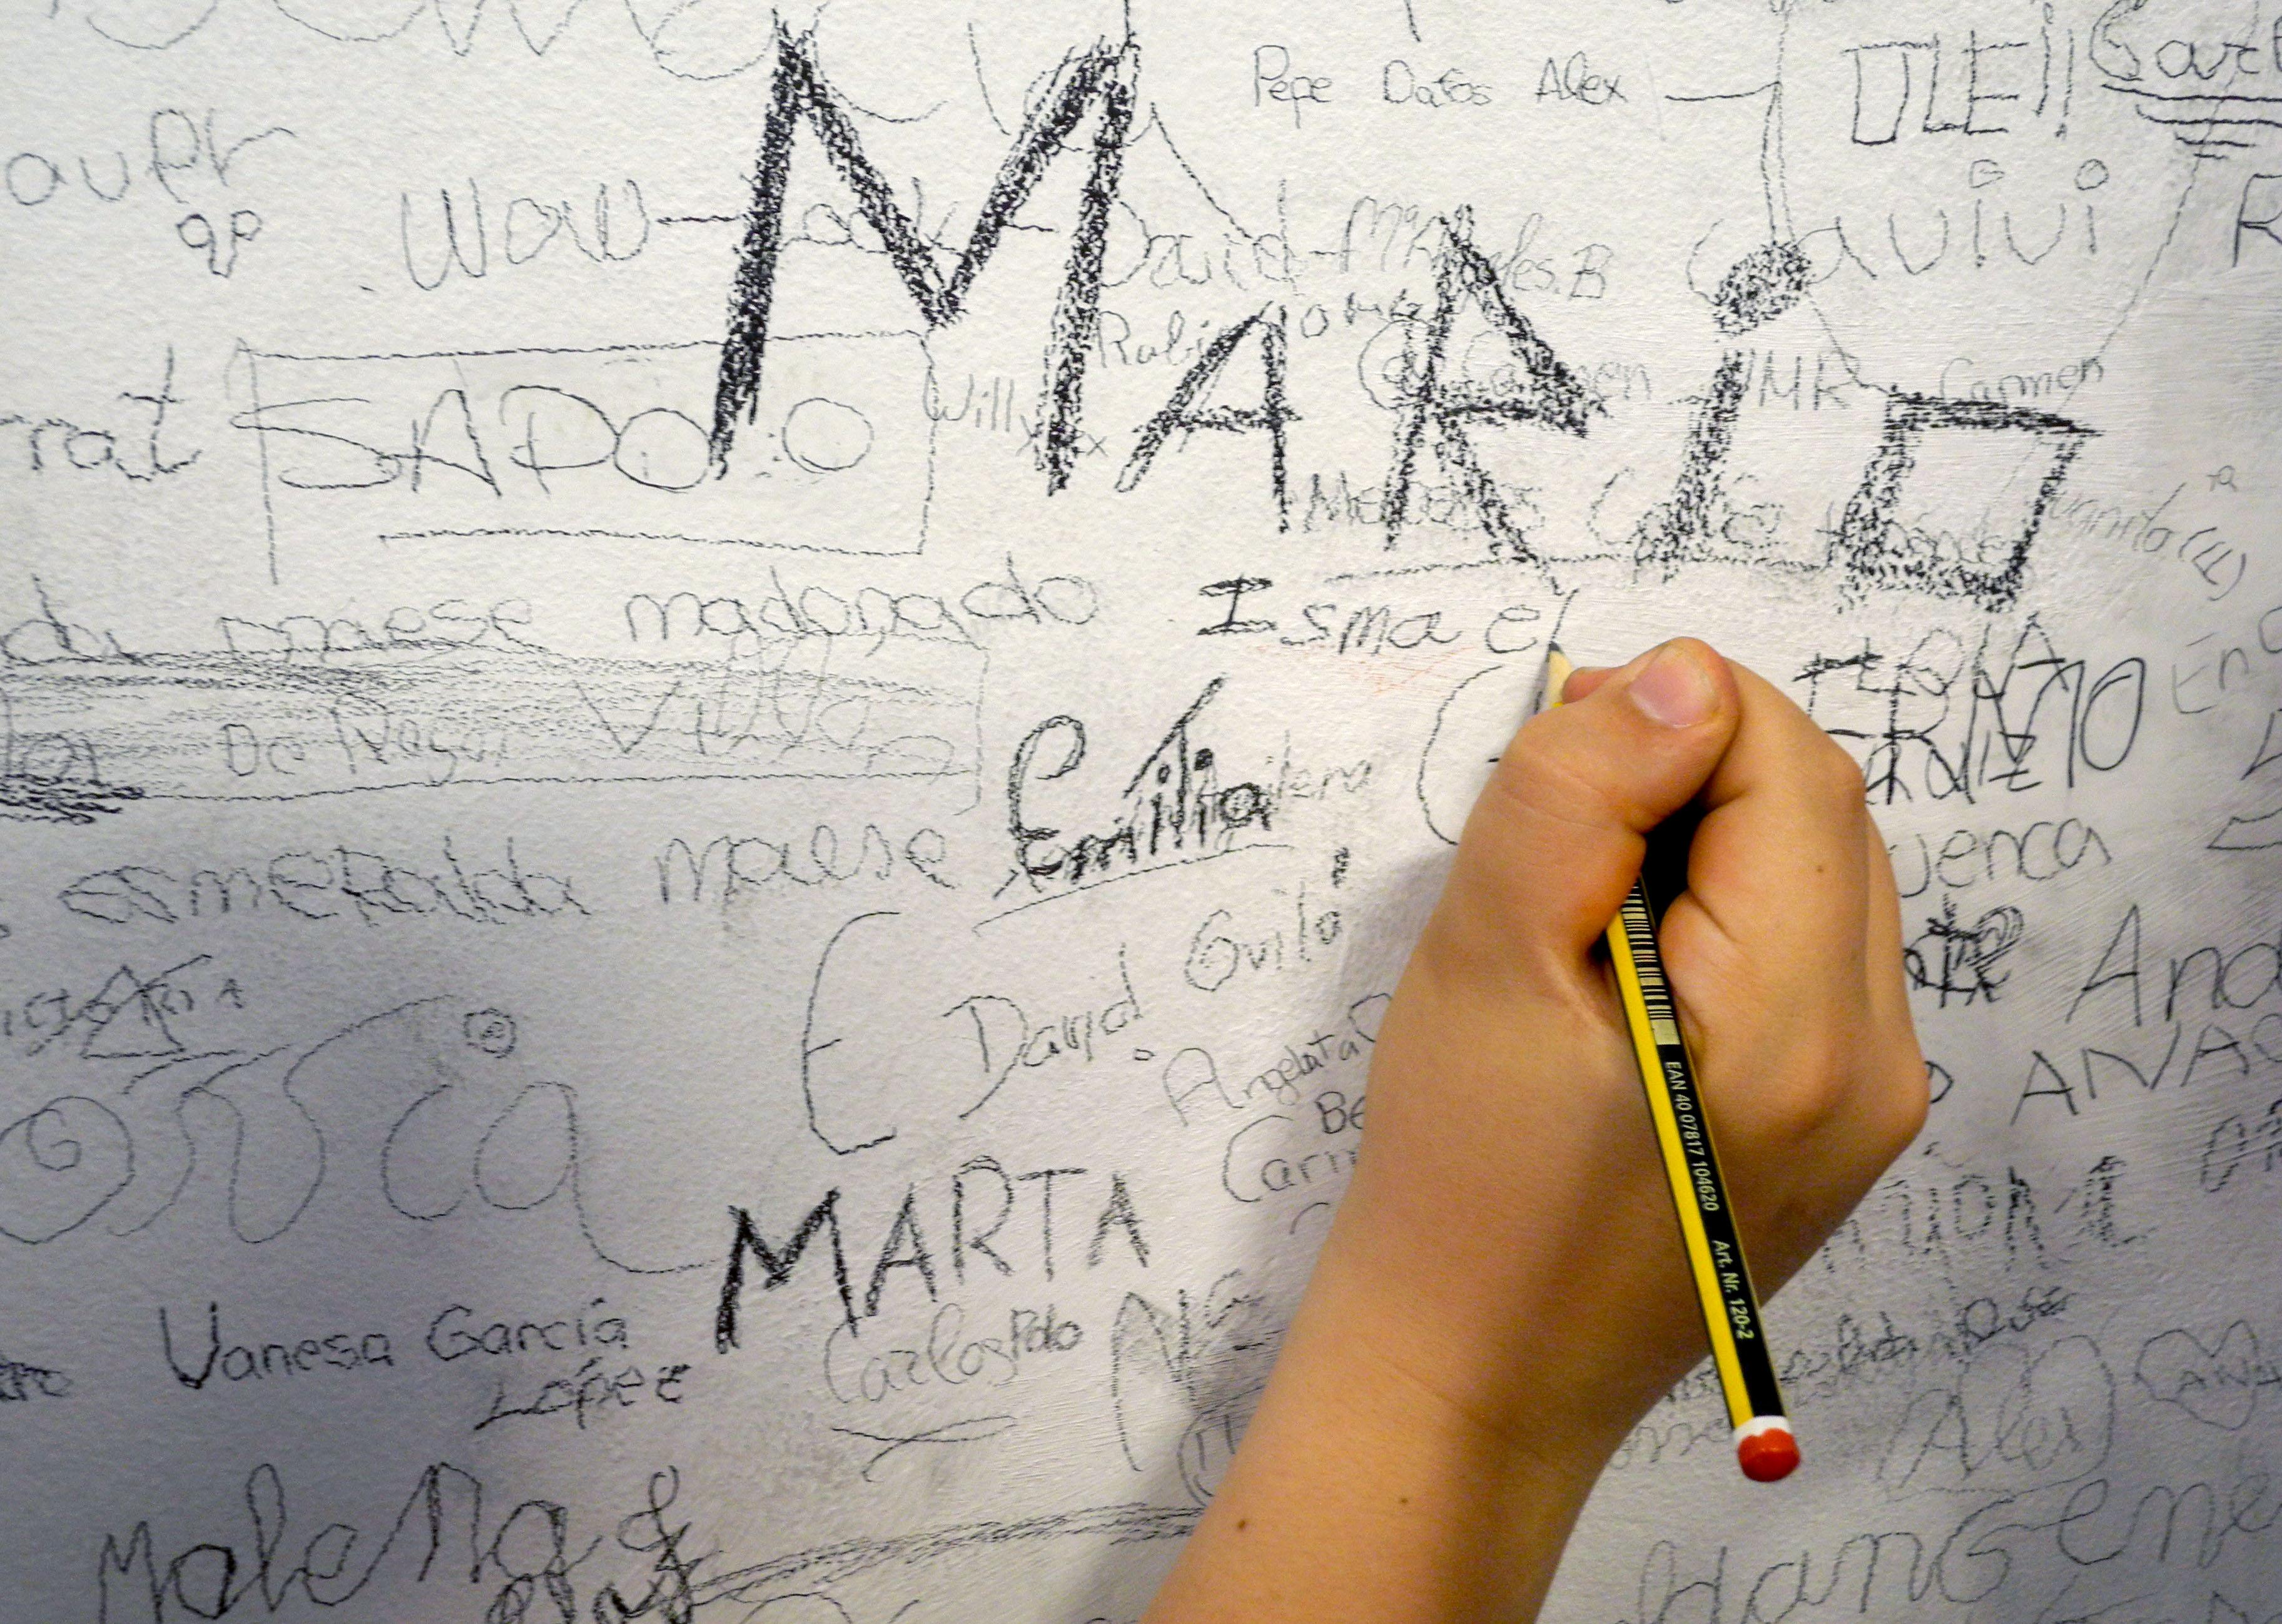 Perez Fernando. 2013. Dalí 3.